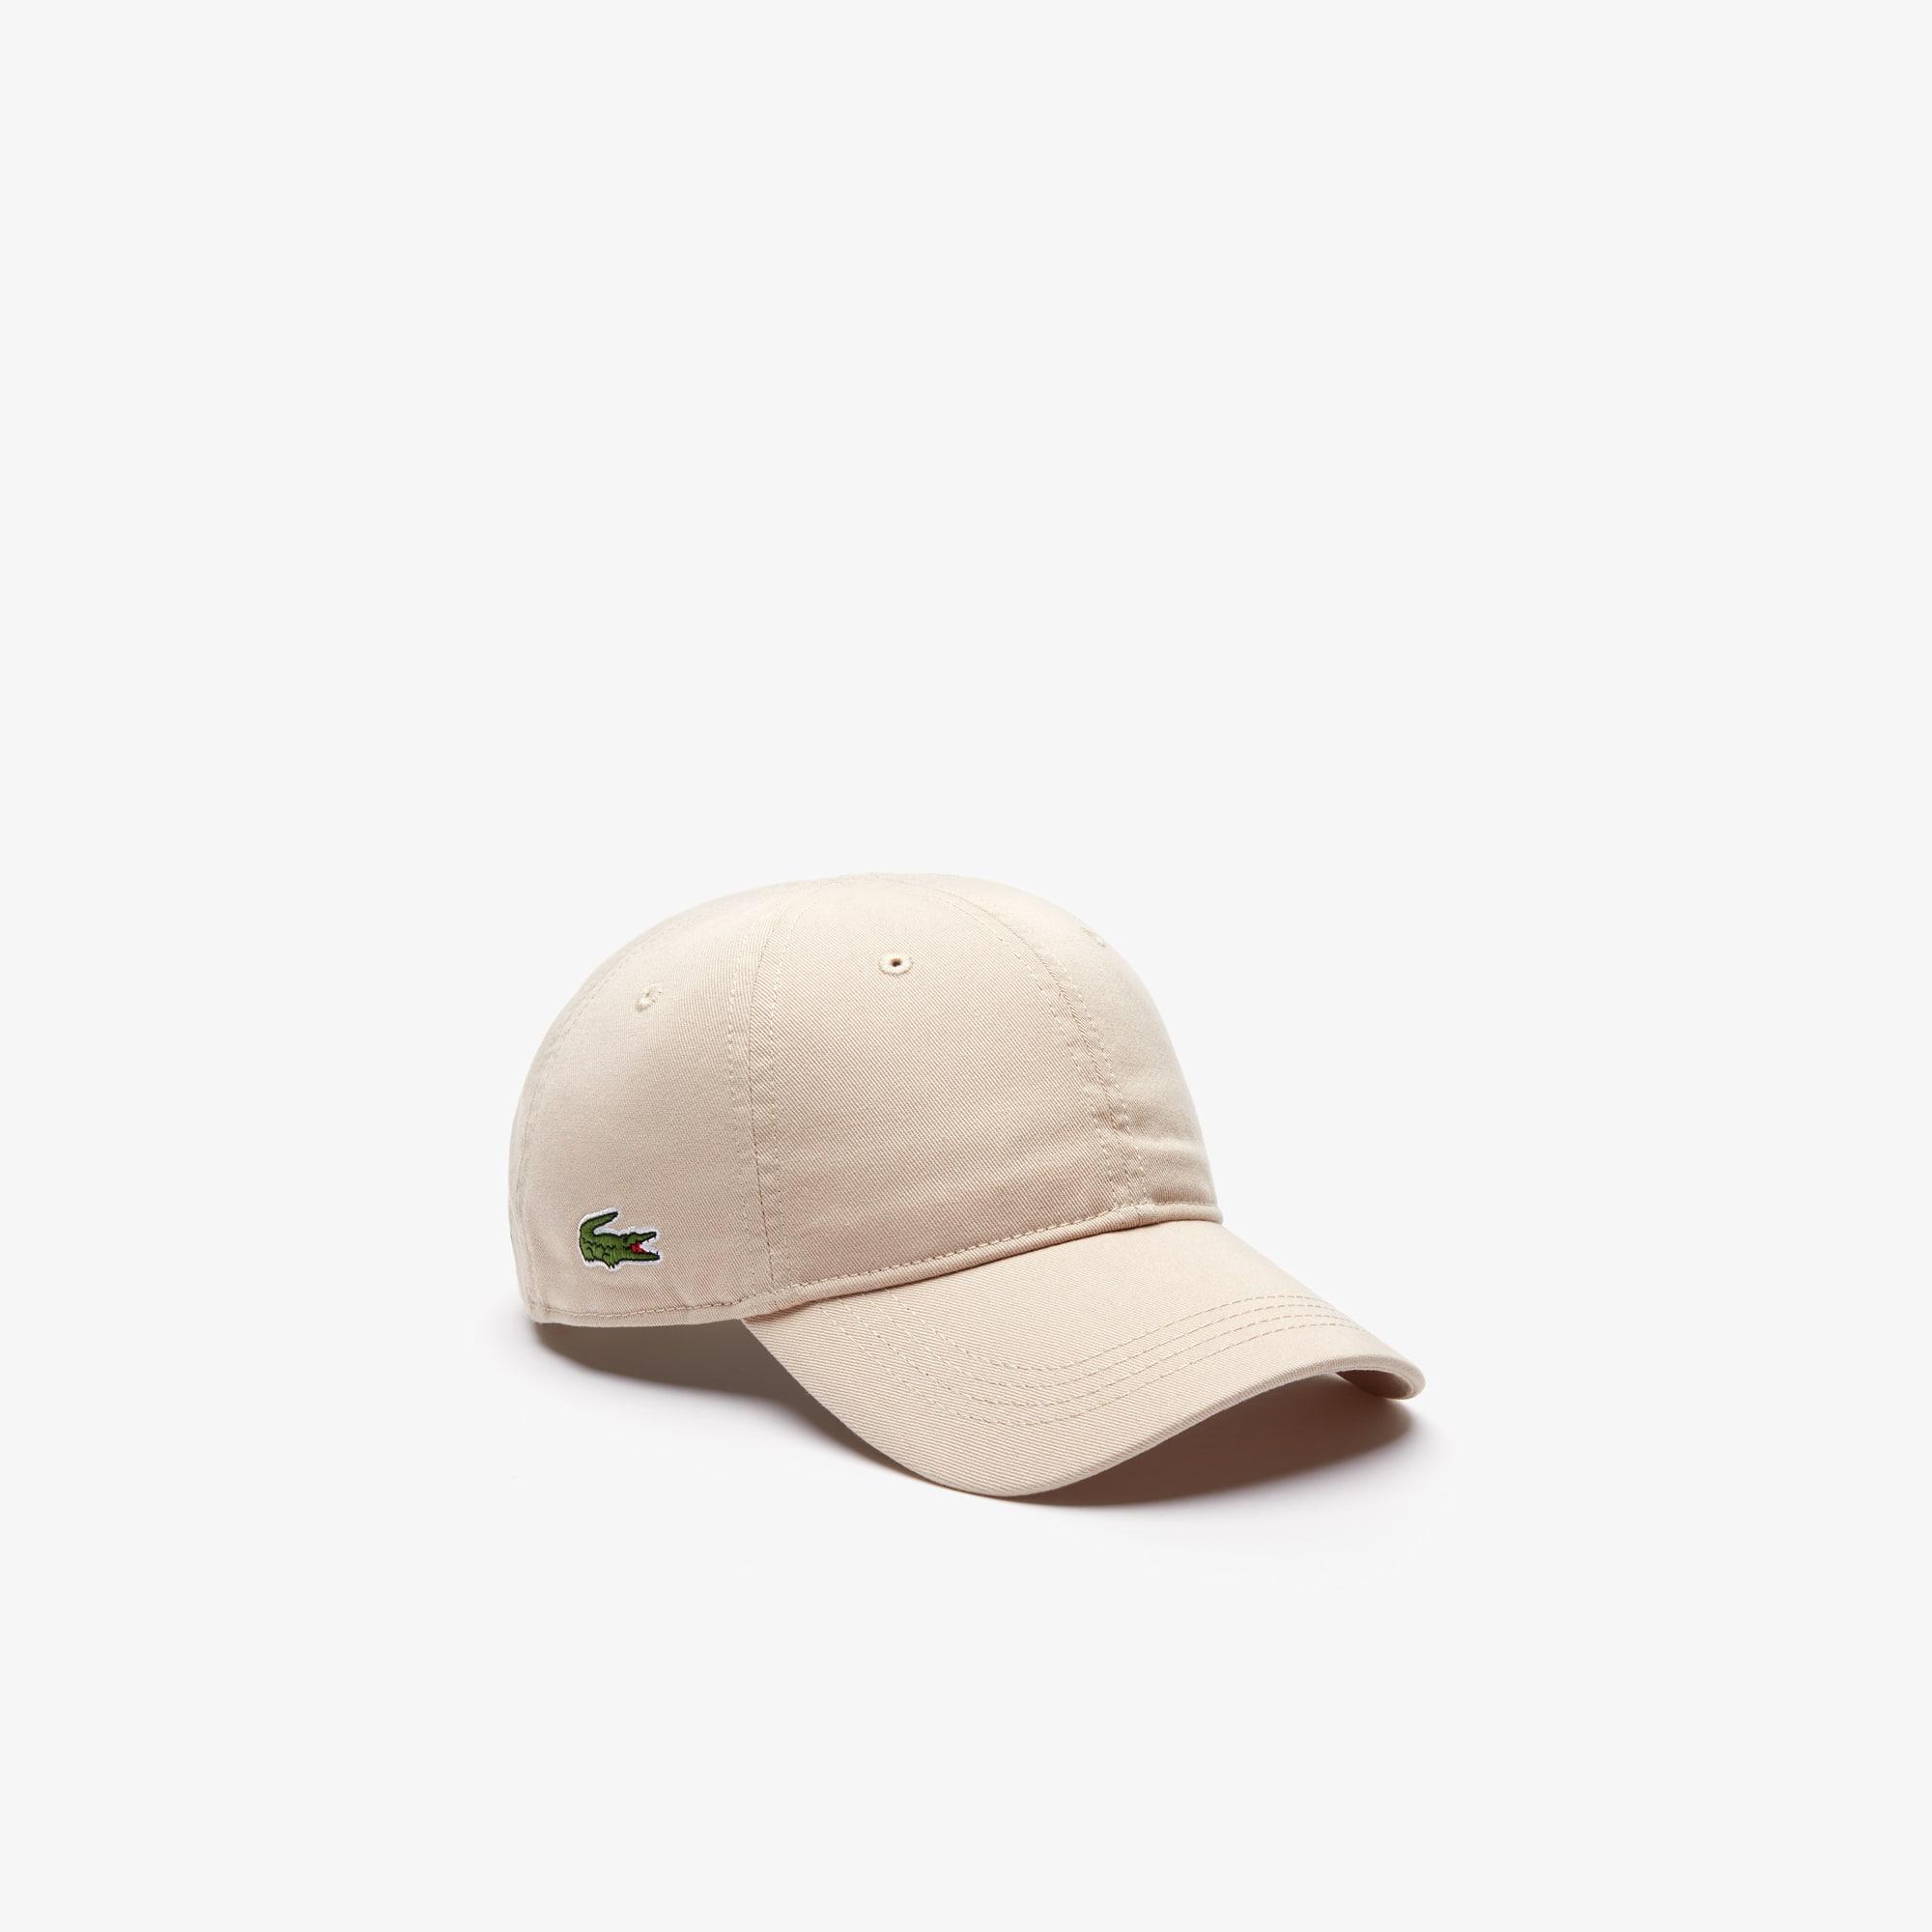 31281beef8f Men s Gabardine cap. £30.00. + 9 colors